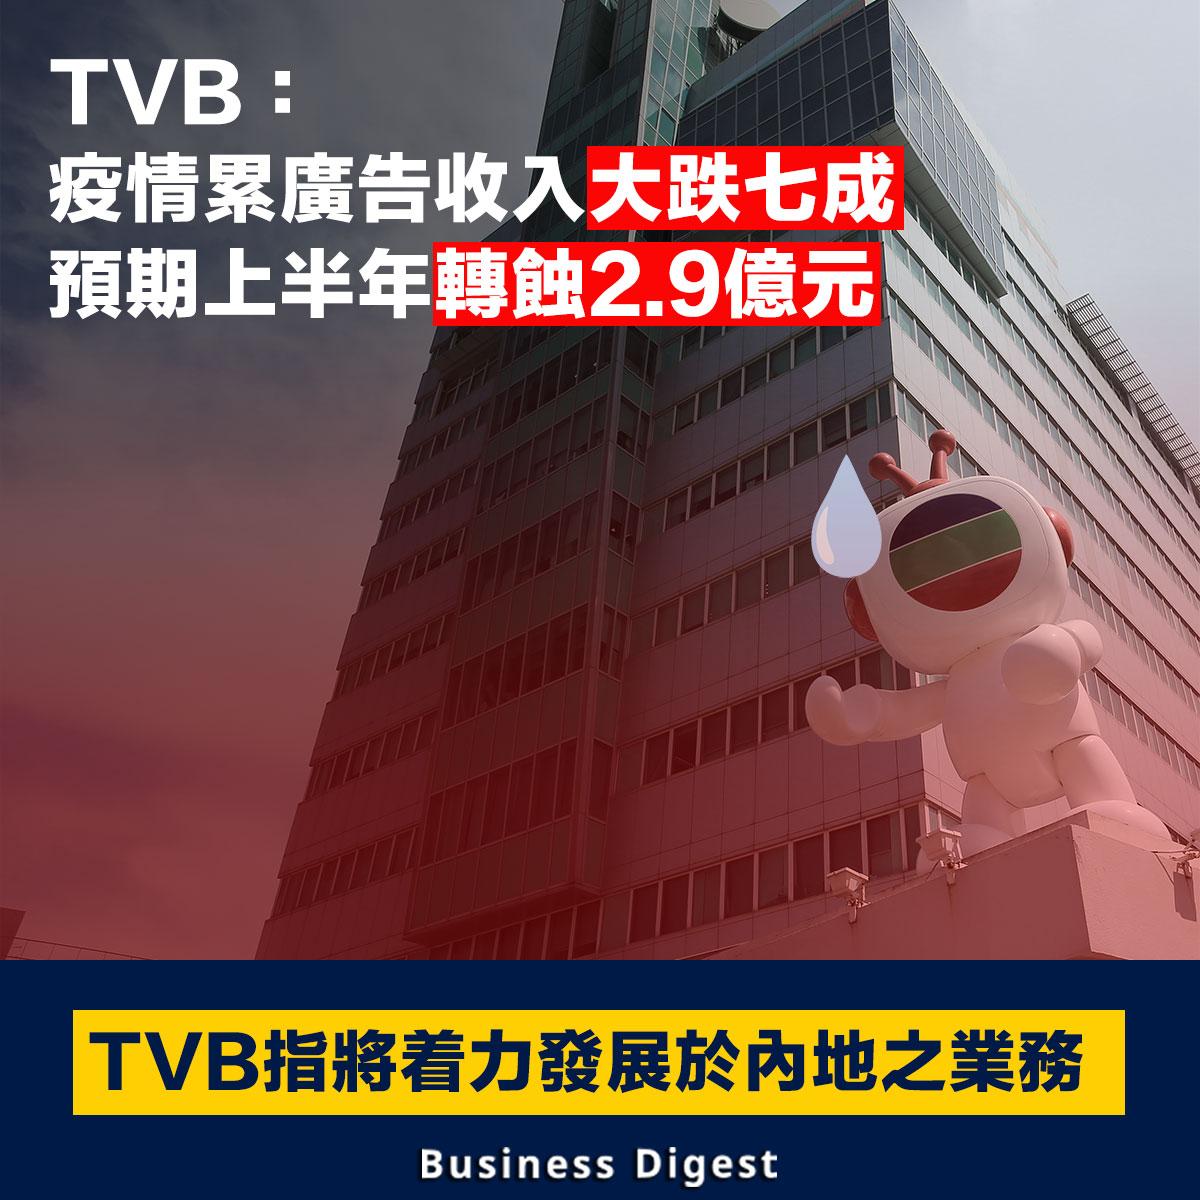 【商業熱話】TVB:「疫情累廣告收入大跌七成,預期上半年轉蝕2.9億元」